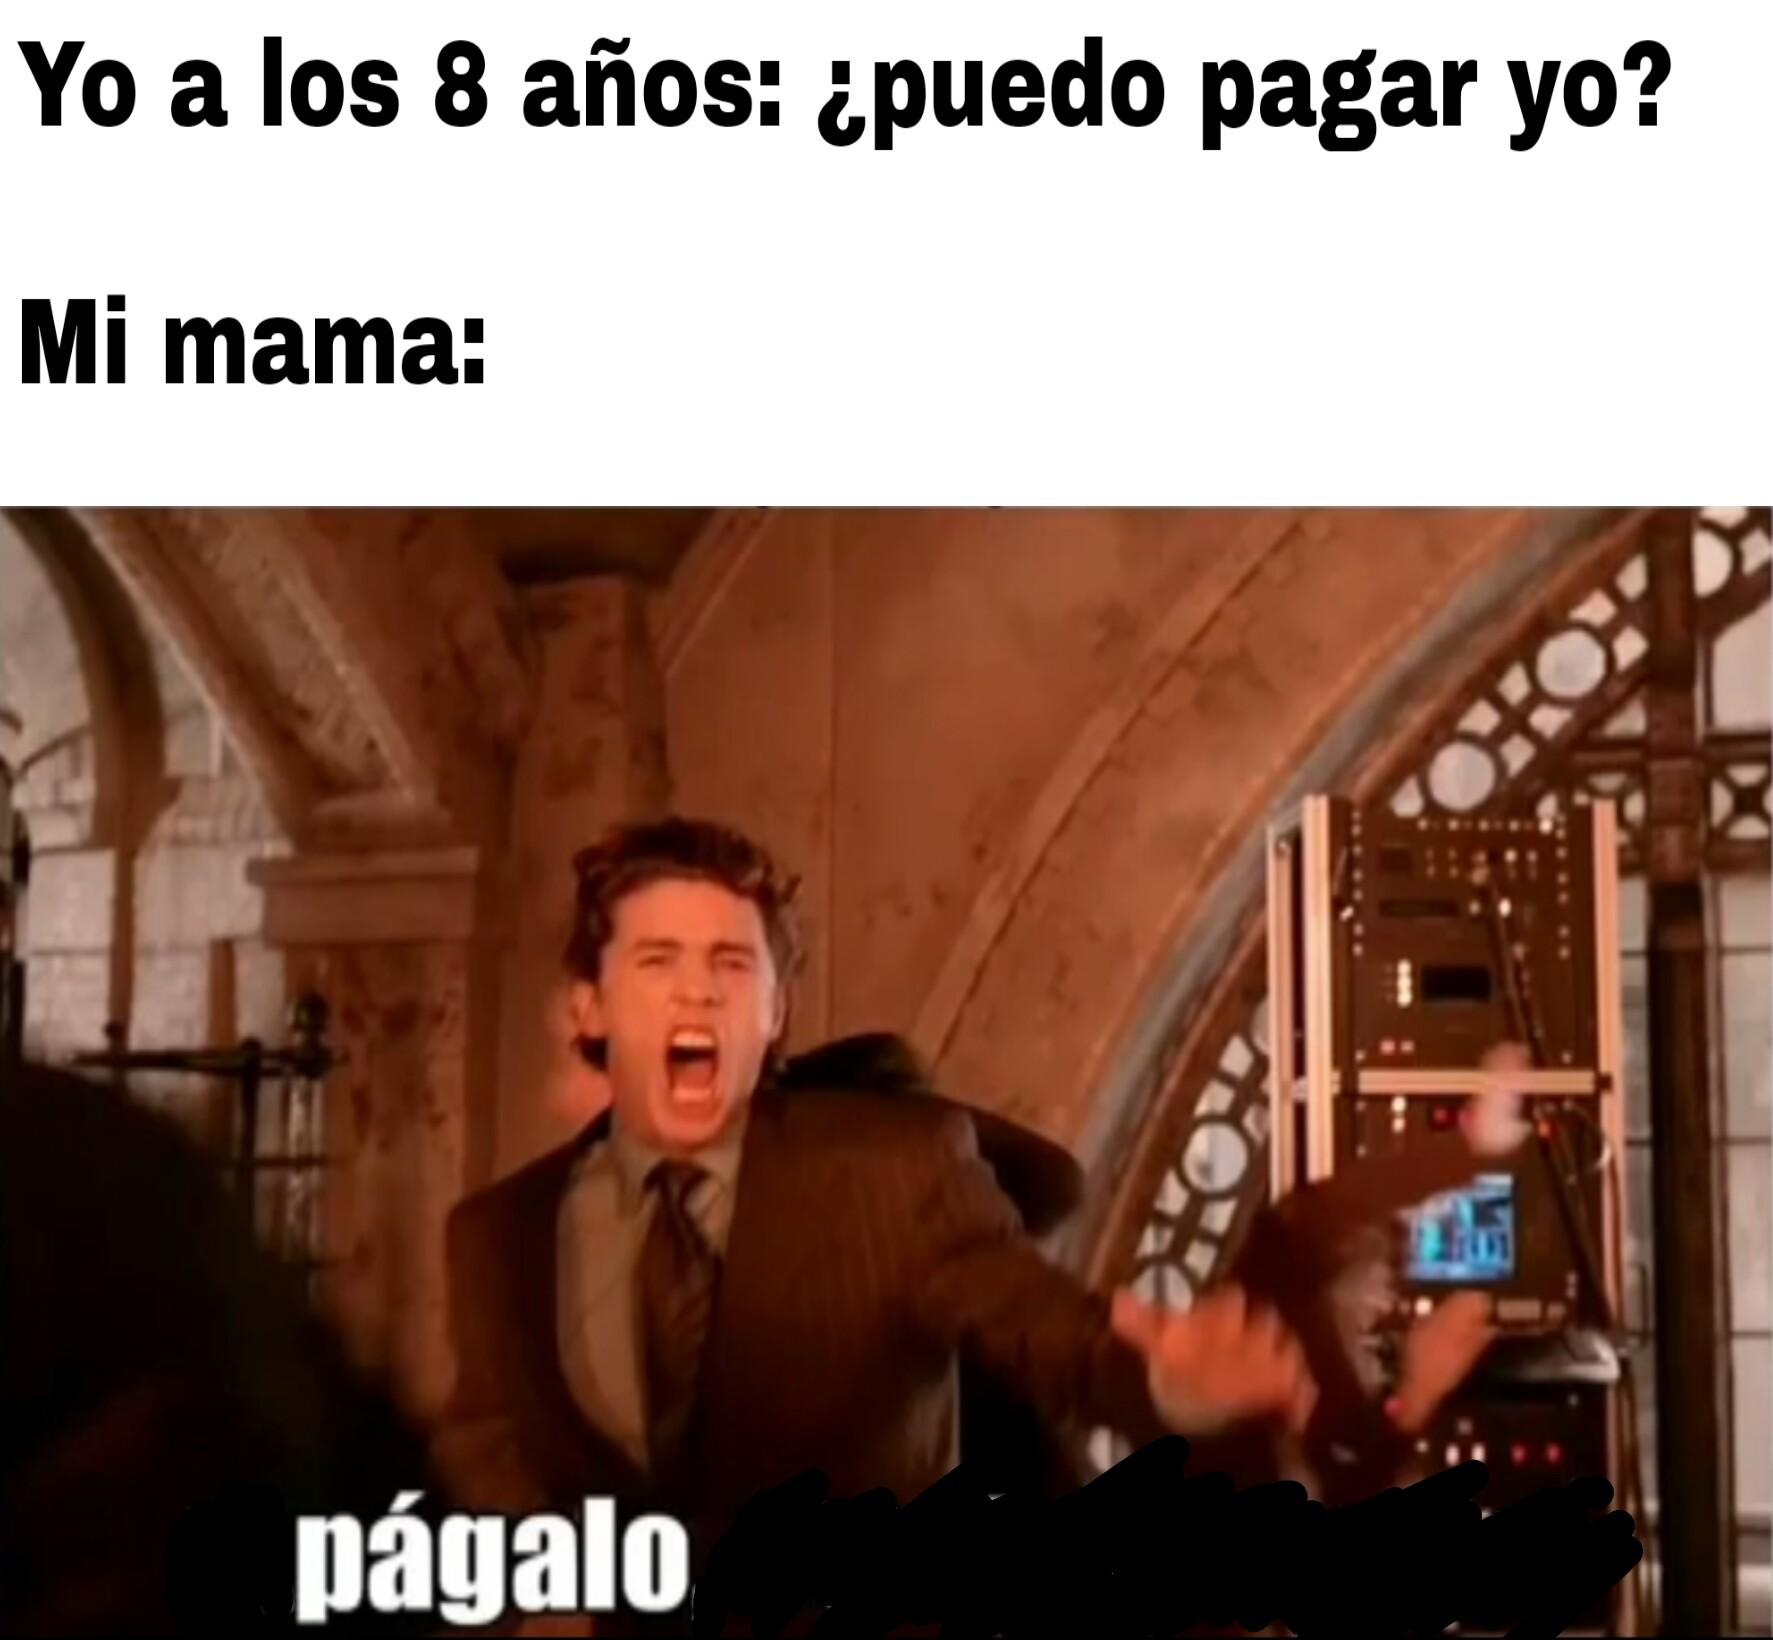 Bad mim - meme